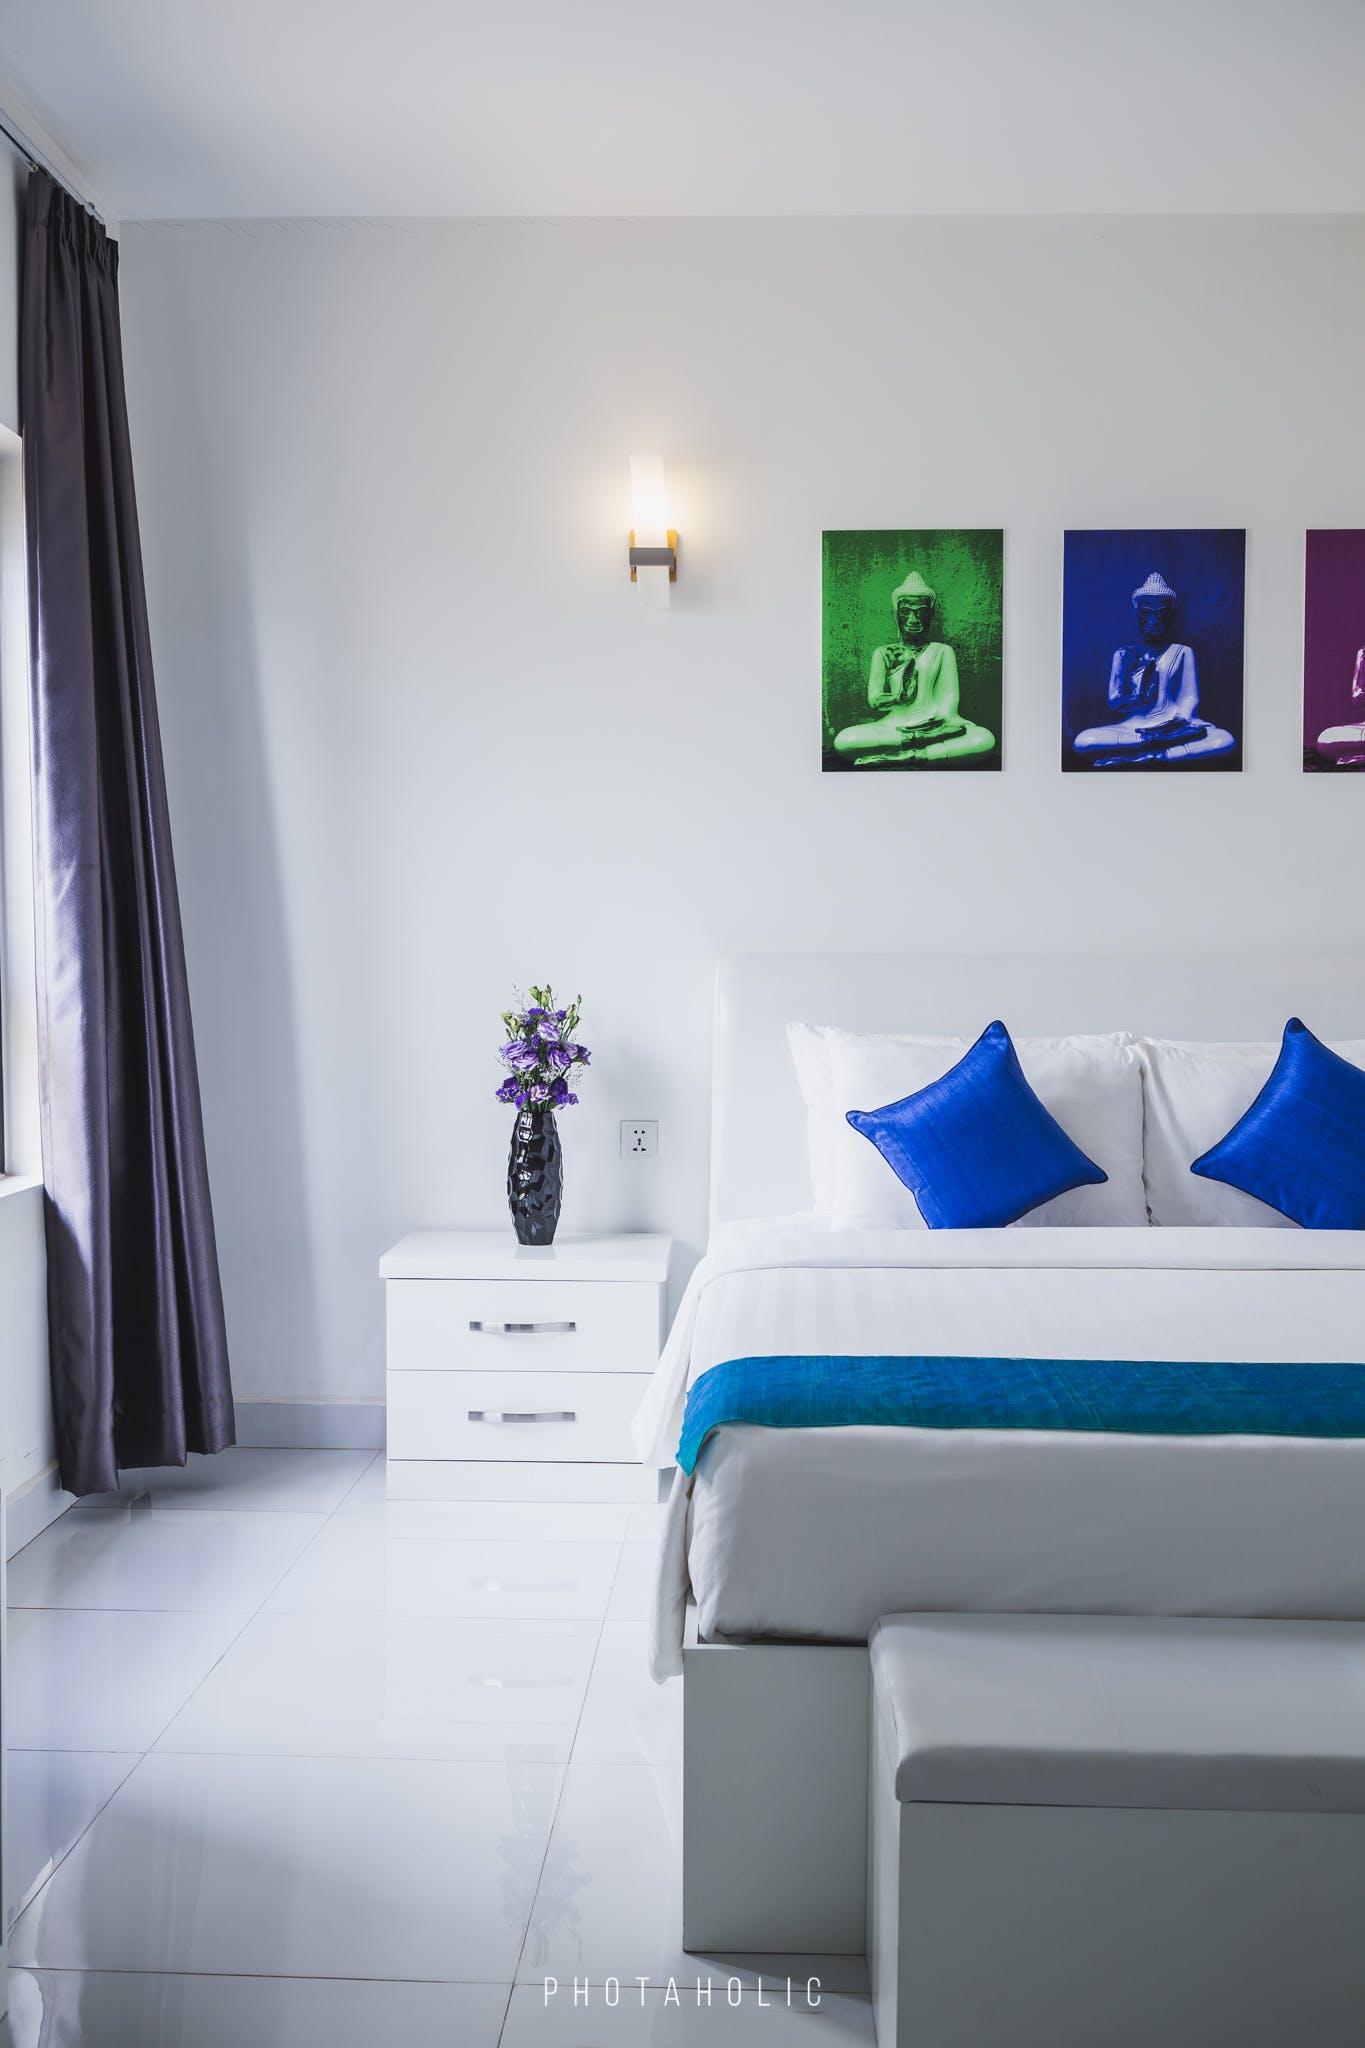 Gratis lagerfoto af fotografi, hoteller, interiør, soveværelse